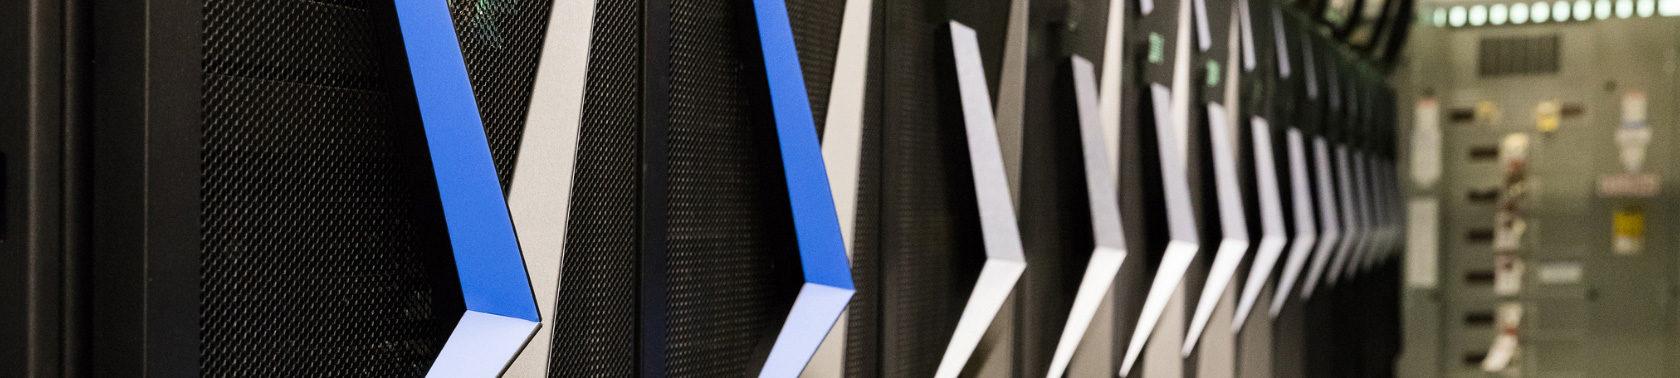 Science blog banner: Summit IBM